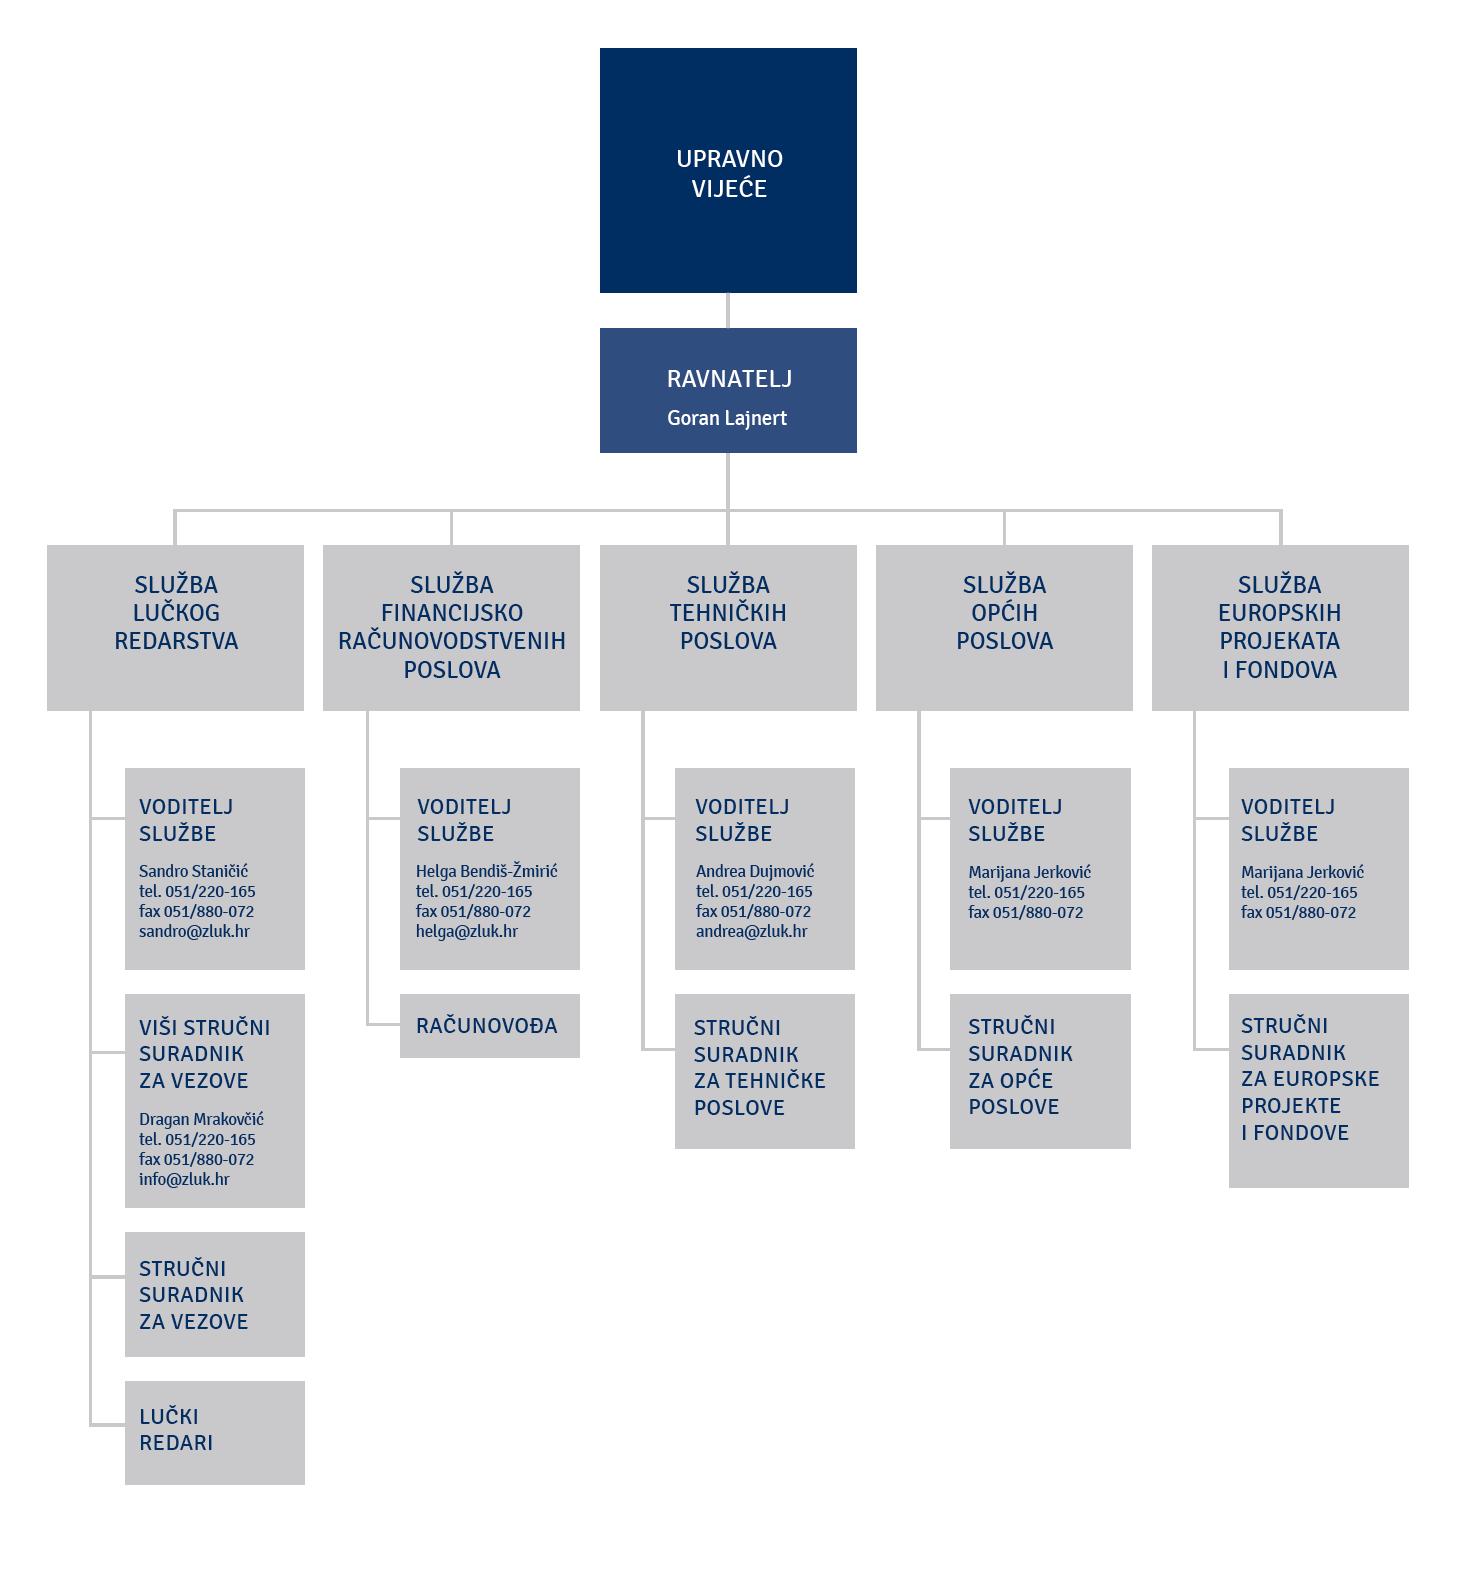 Organizacijska shema, studeni 2020.